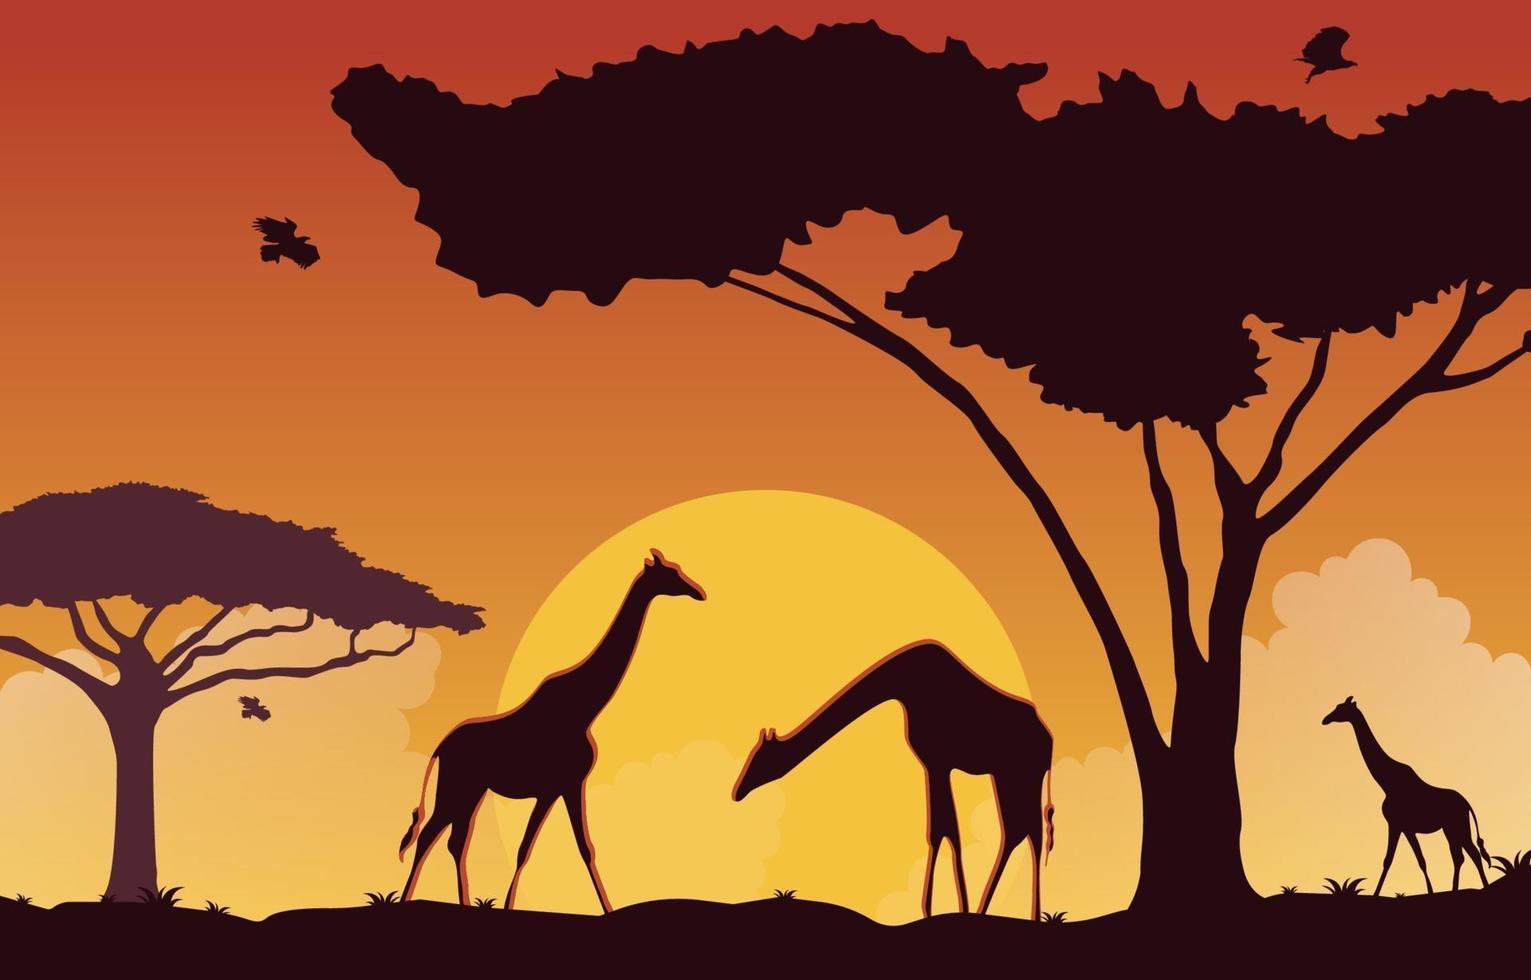 jirafas en el paisaje de la sabana africana al atardecer ilustración vector